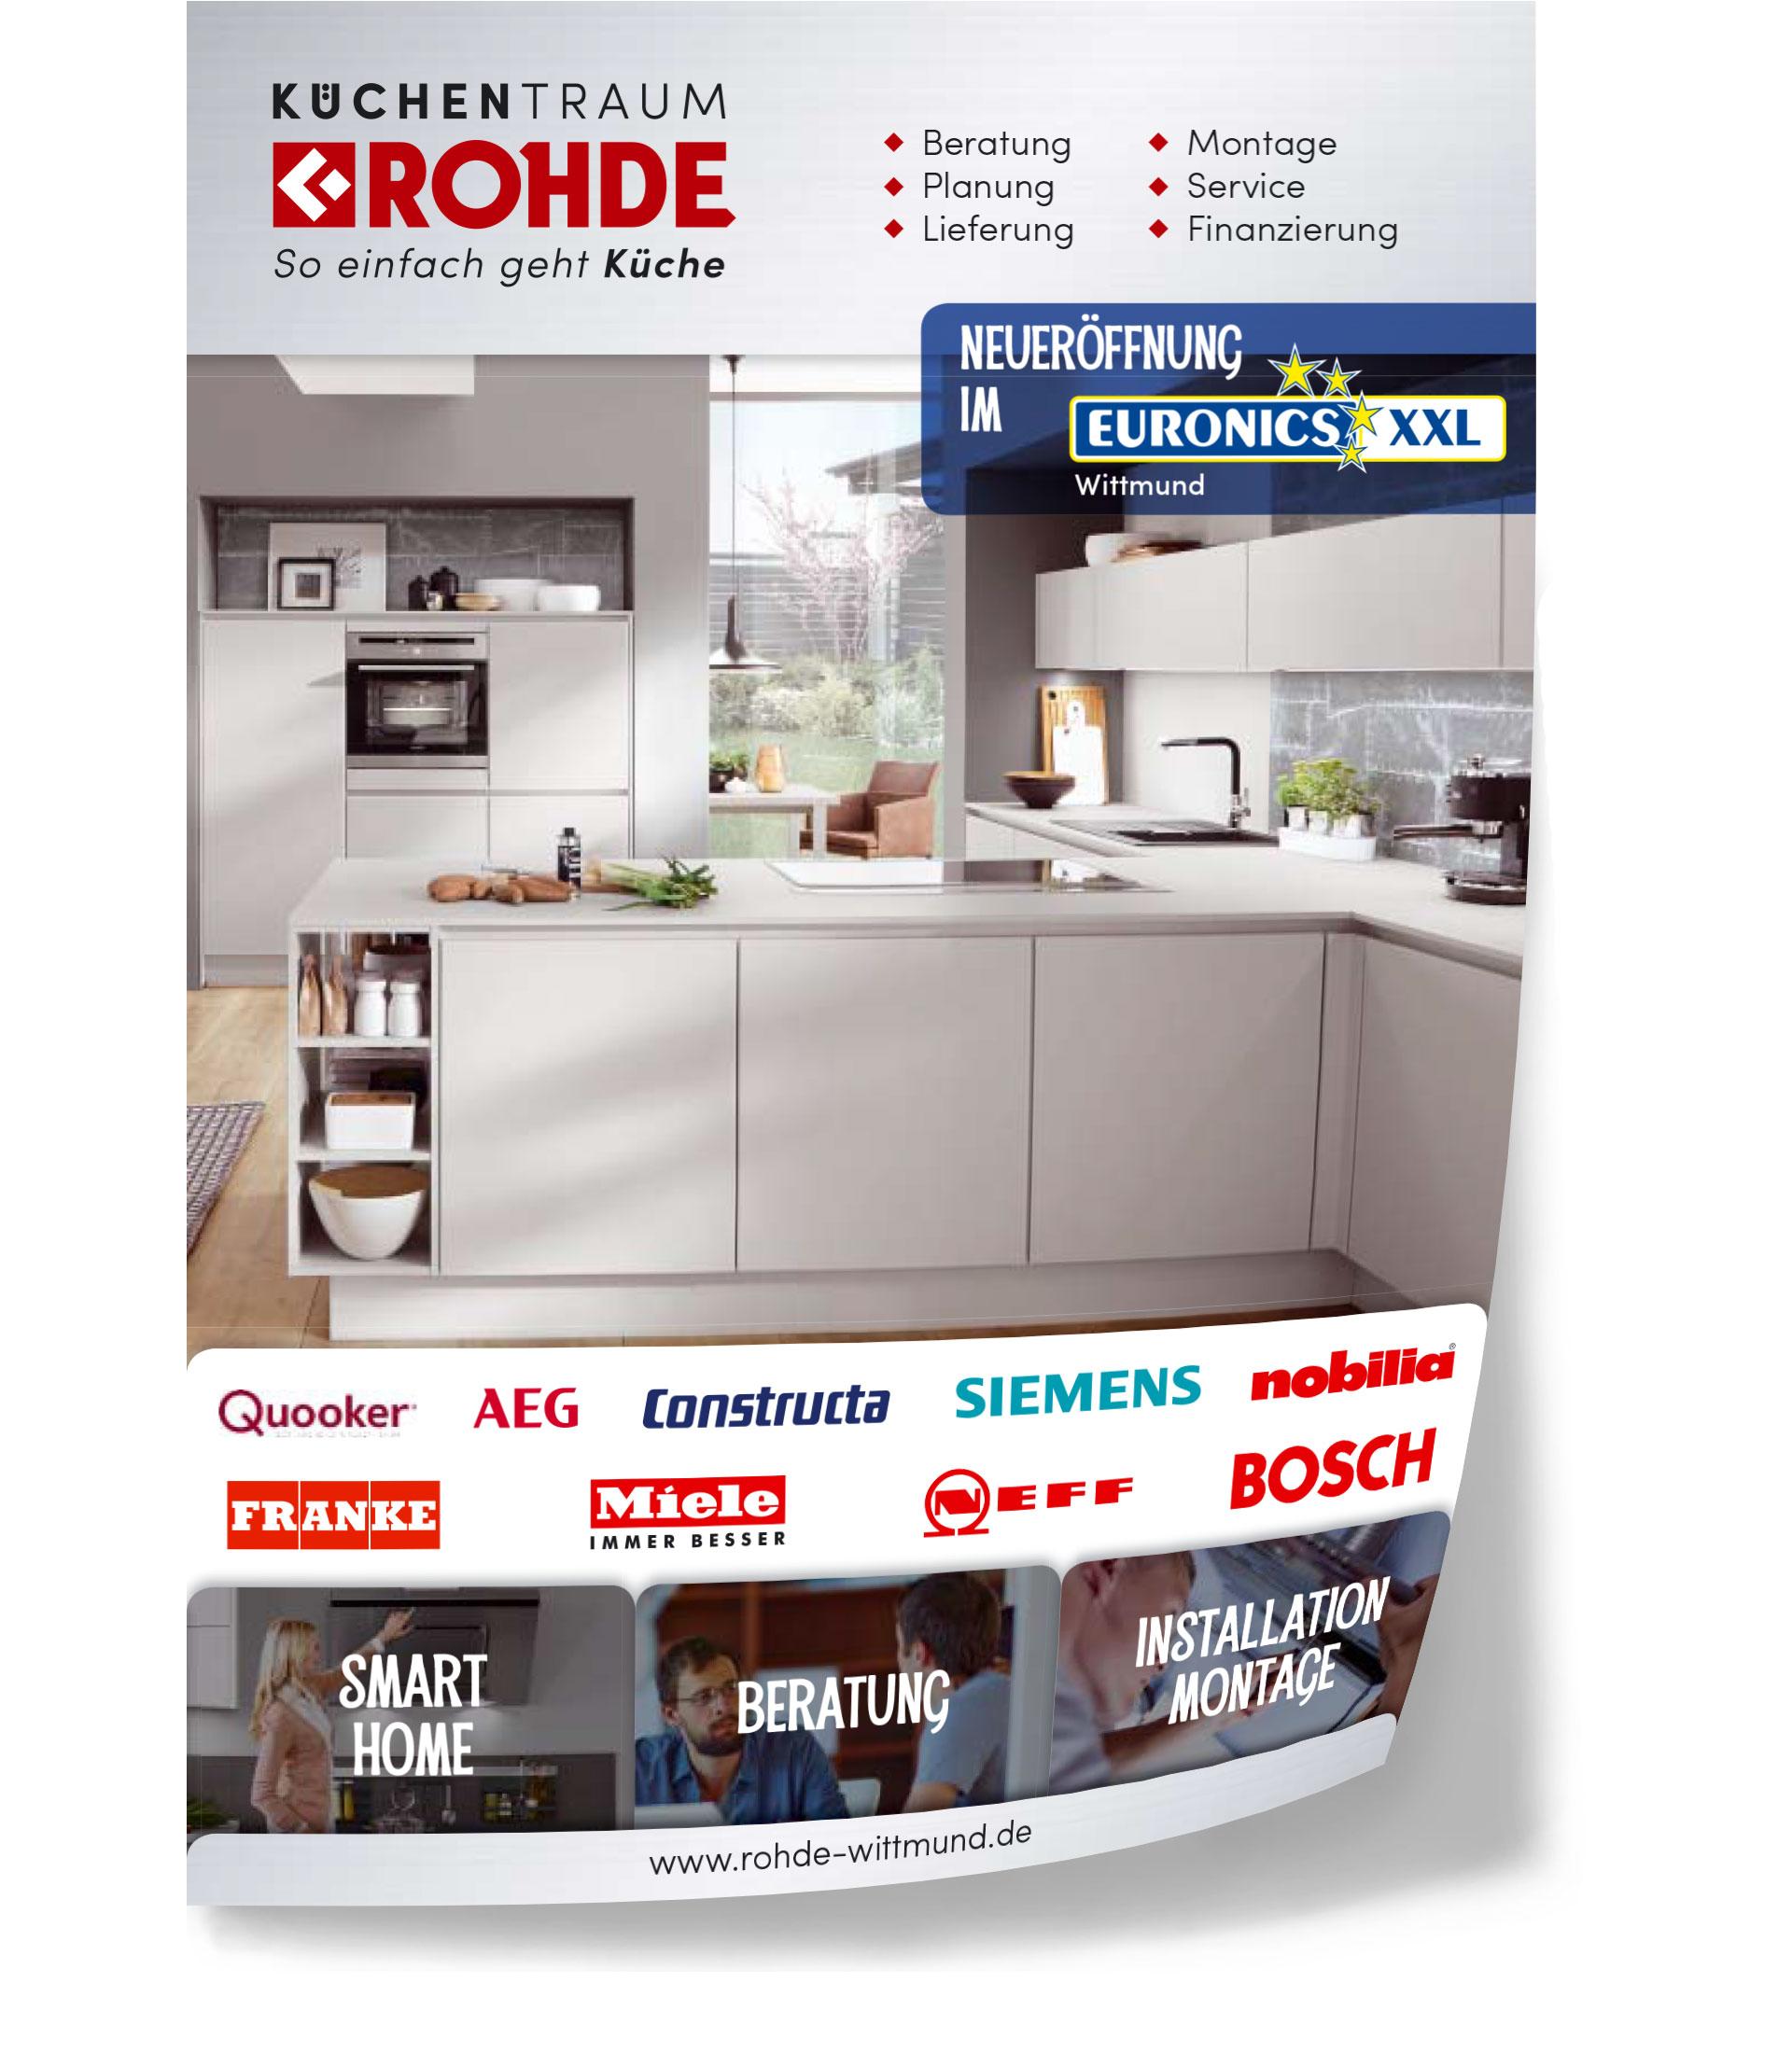 k chentraum rohde in wittmund so einfach geht k che. Black Bedroom Furniture Sets. Home Design Ideas